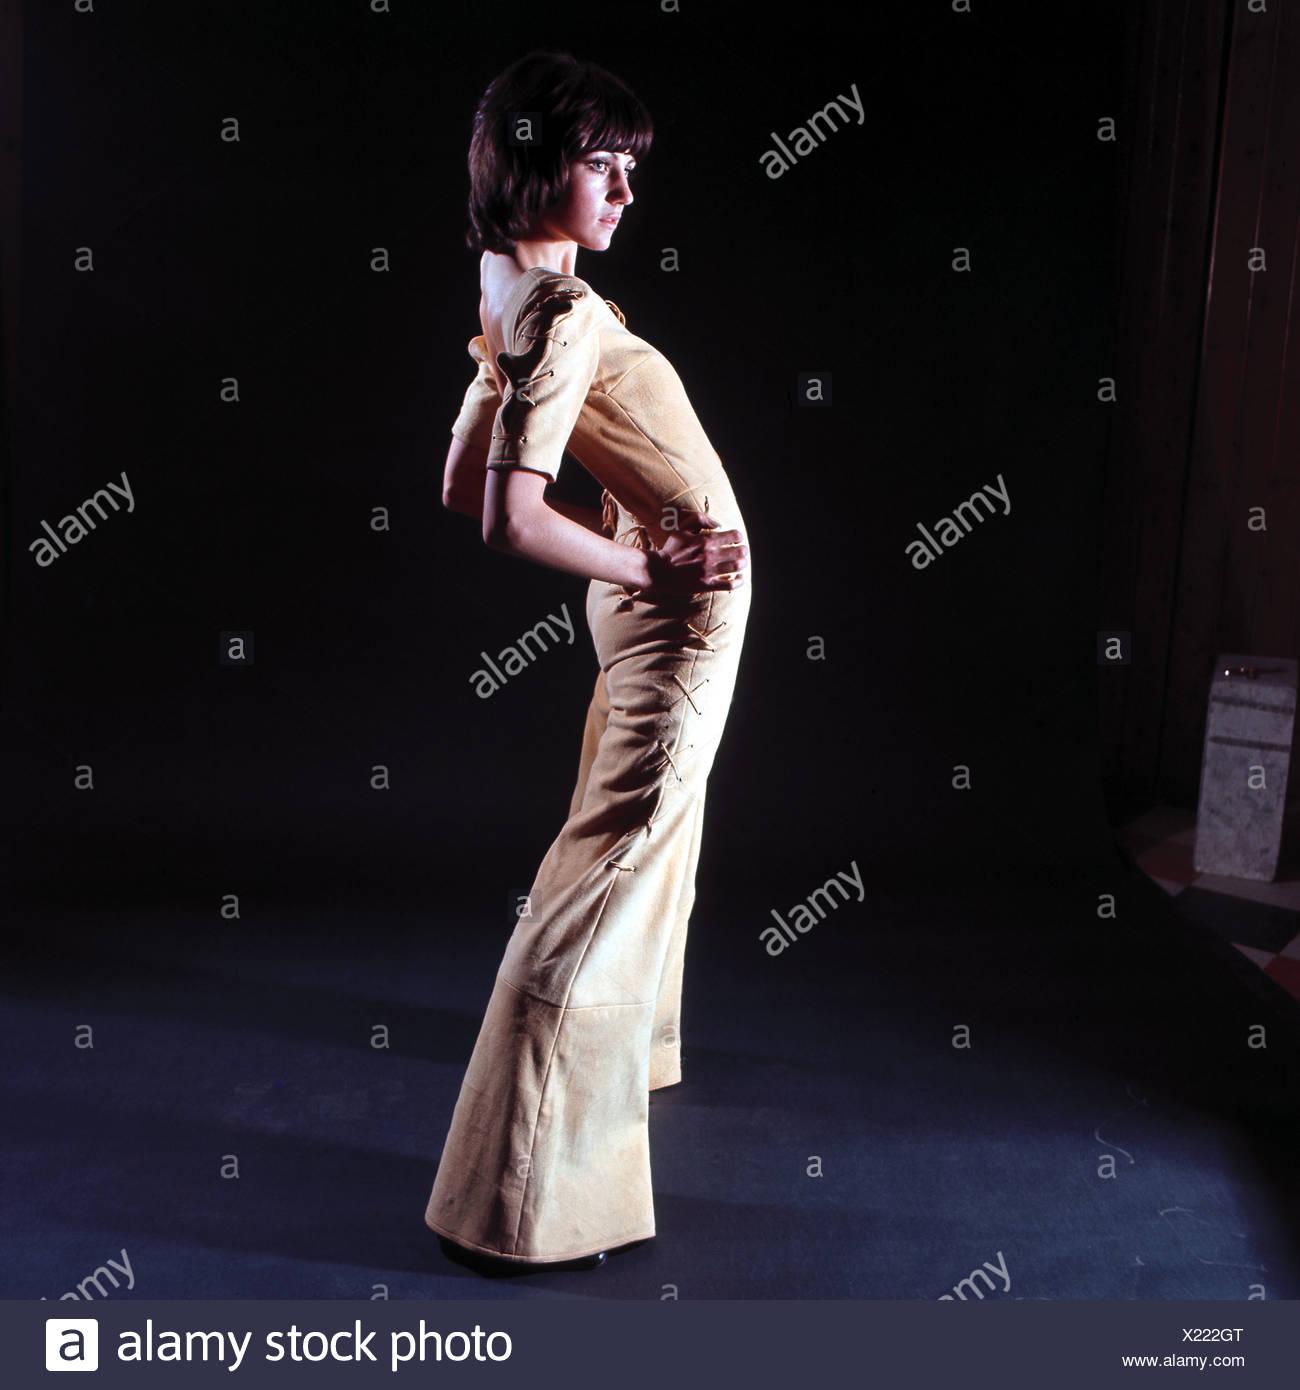 Female Fashion Model 1970s - Stock Image